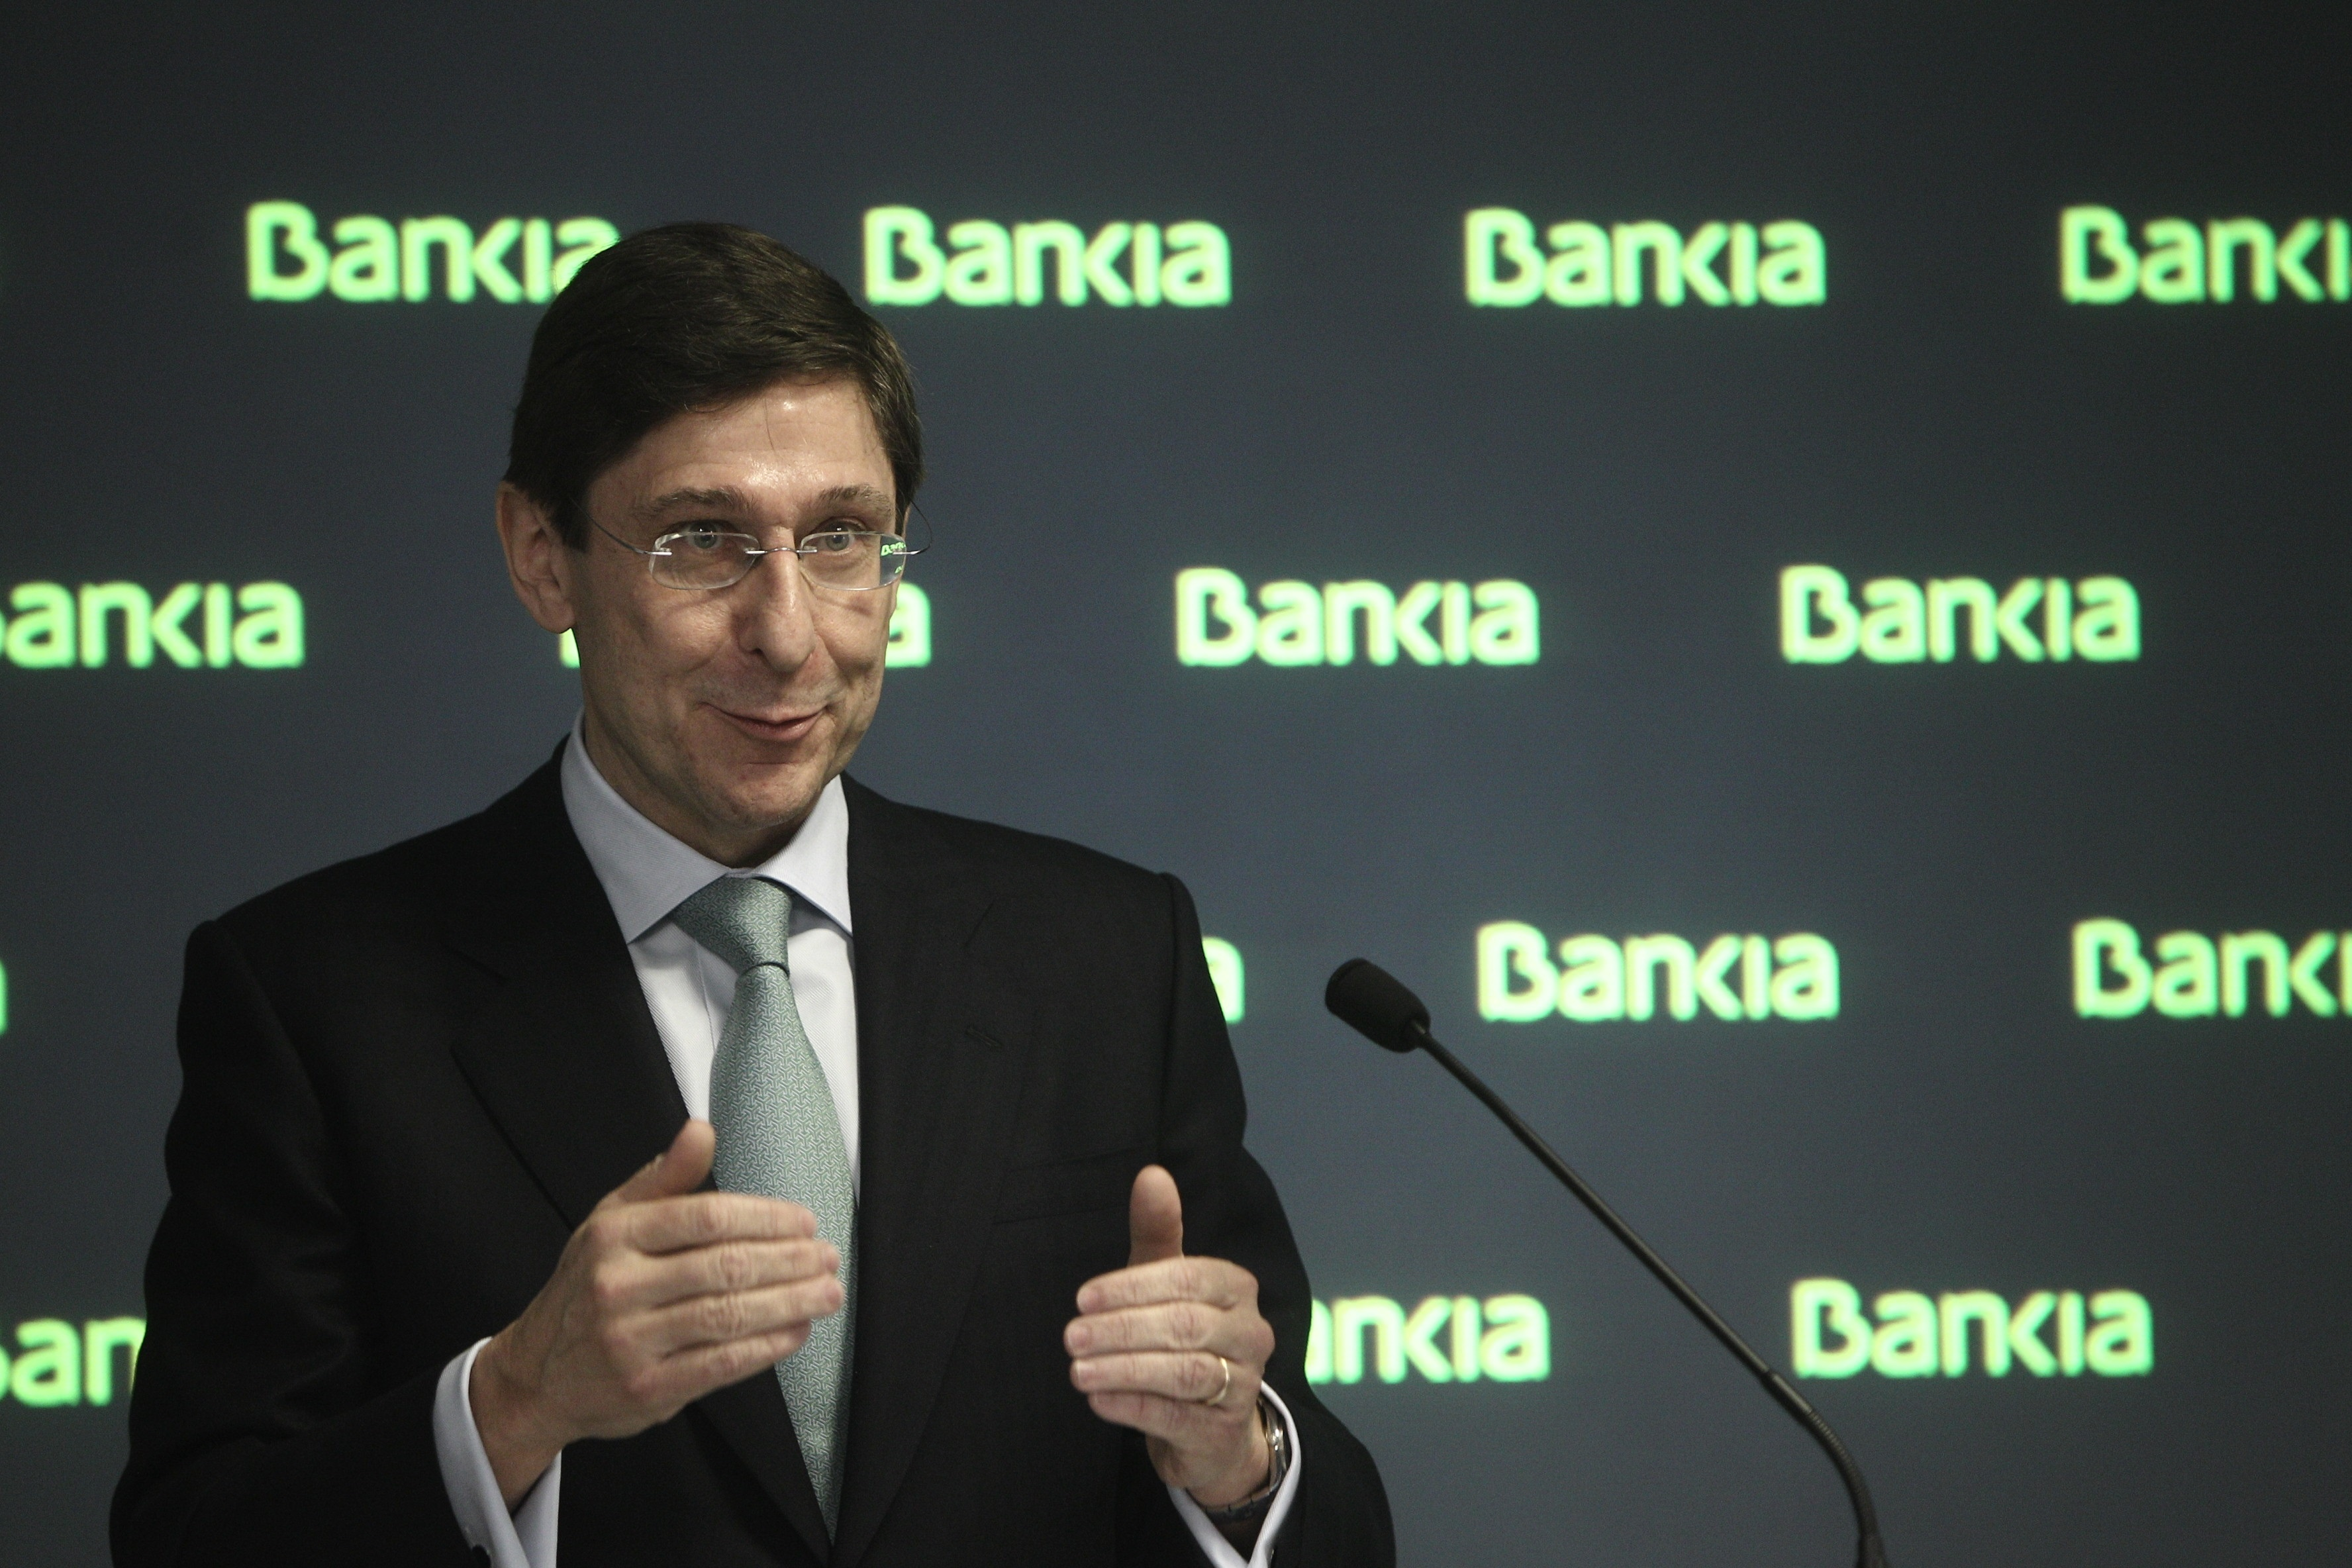 Goirigolzarri avisa de que el primer tramo para privatizar Bankia debe dejar «muy buen sabor de boca»